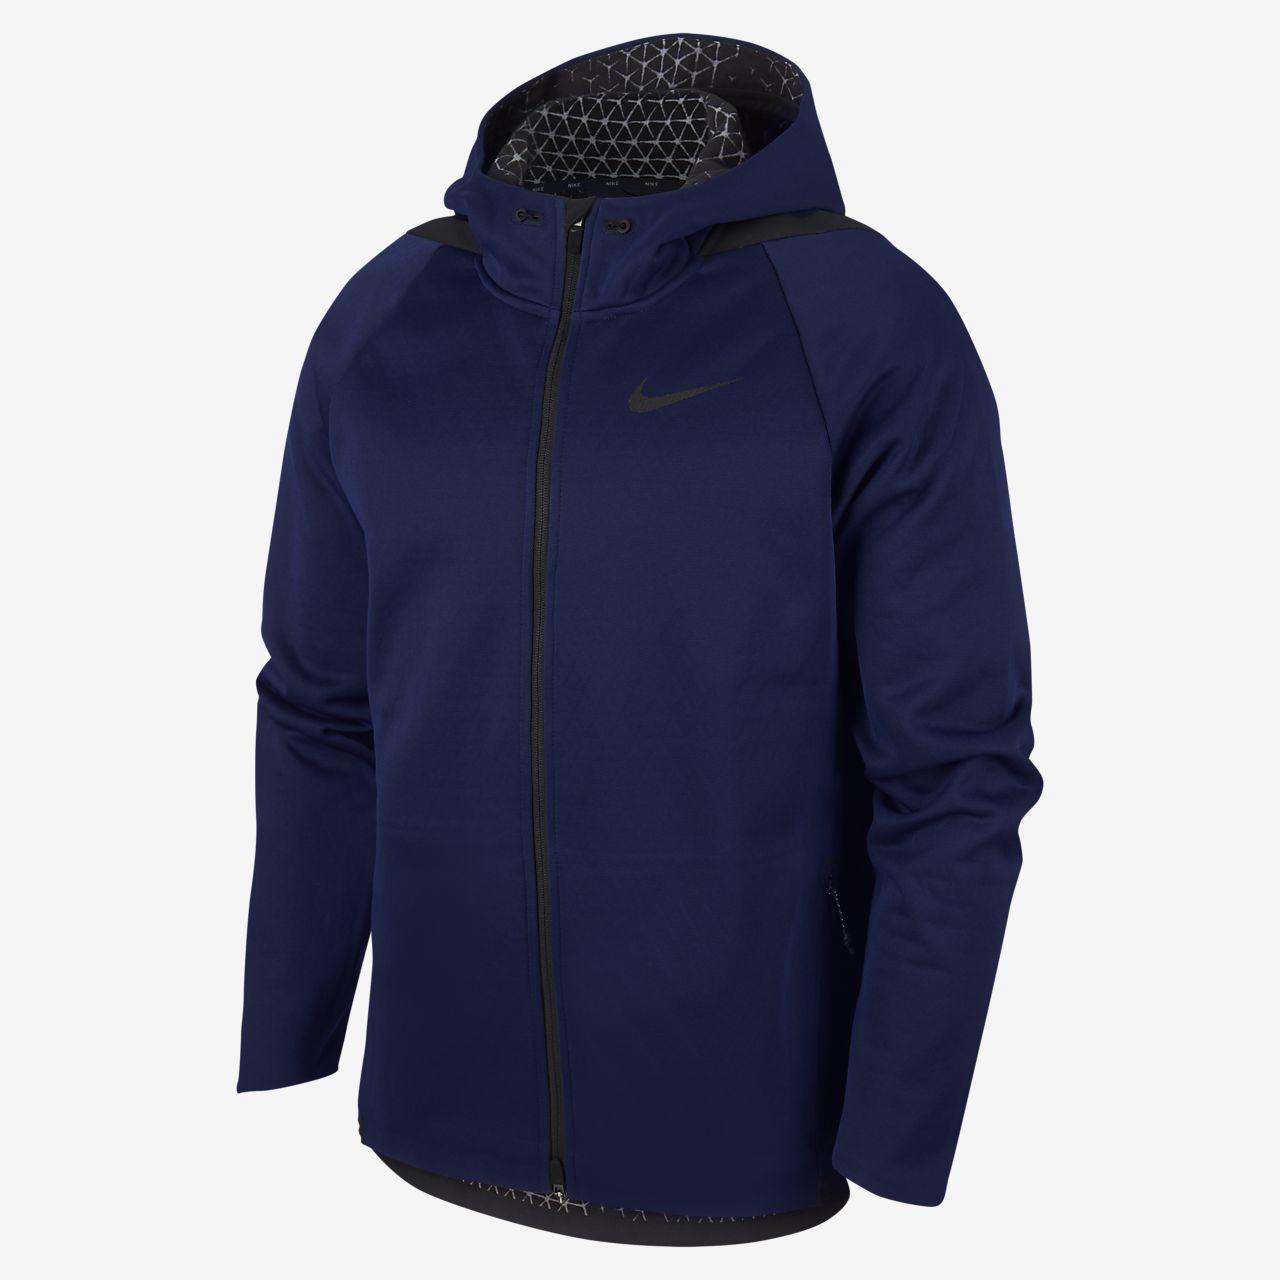 Blusão de treino Nike Therma Sphere para homem